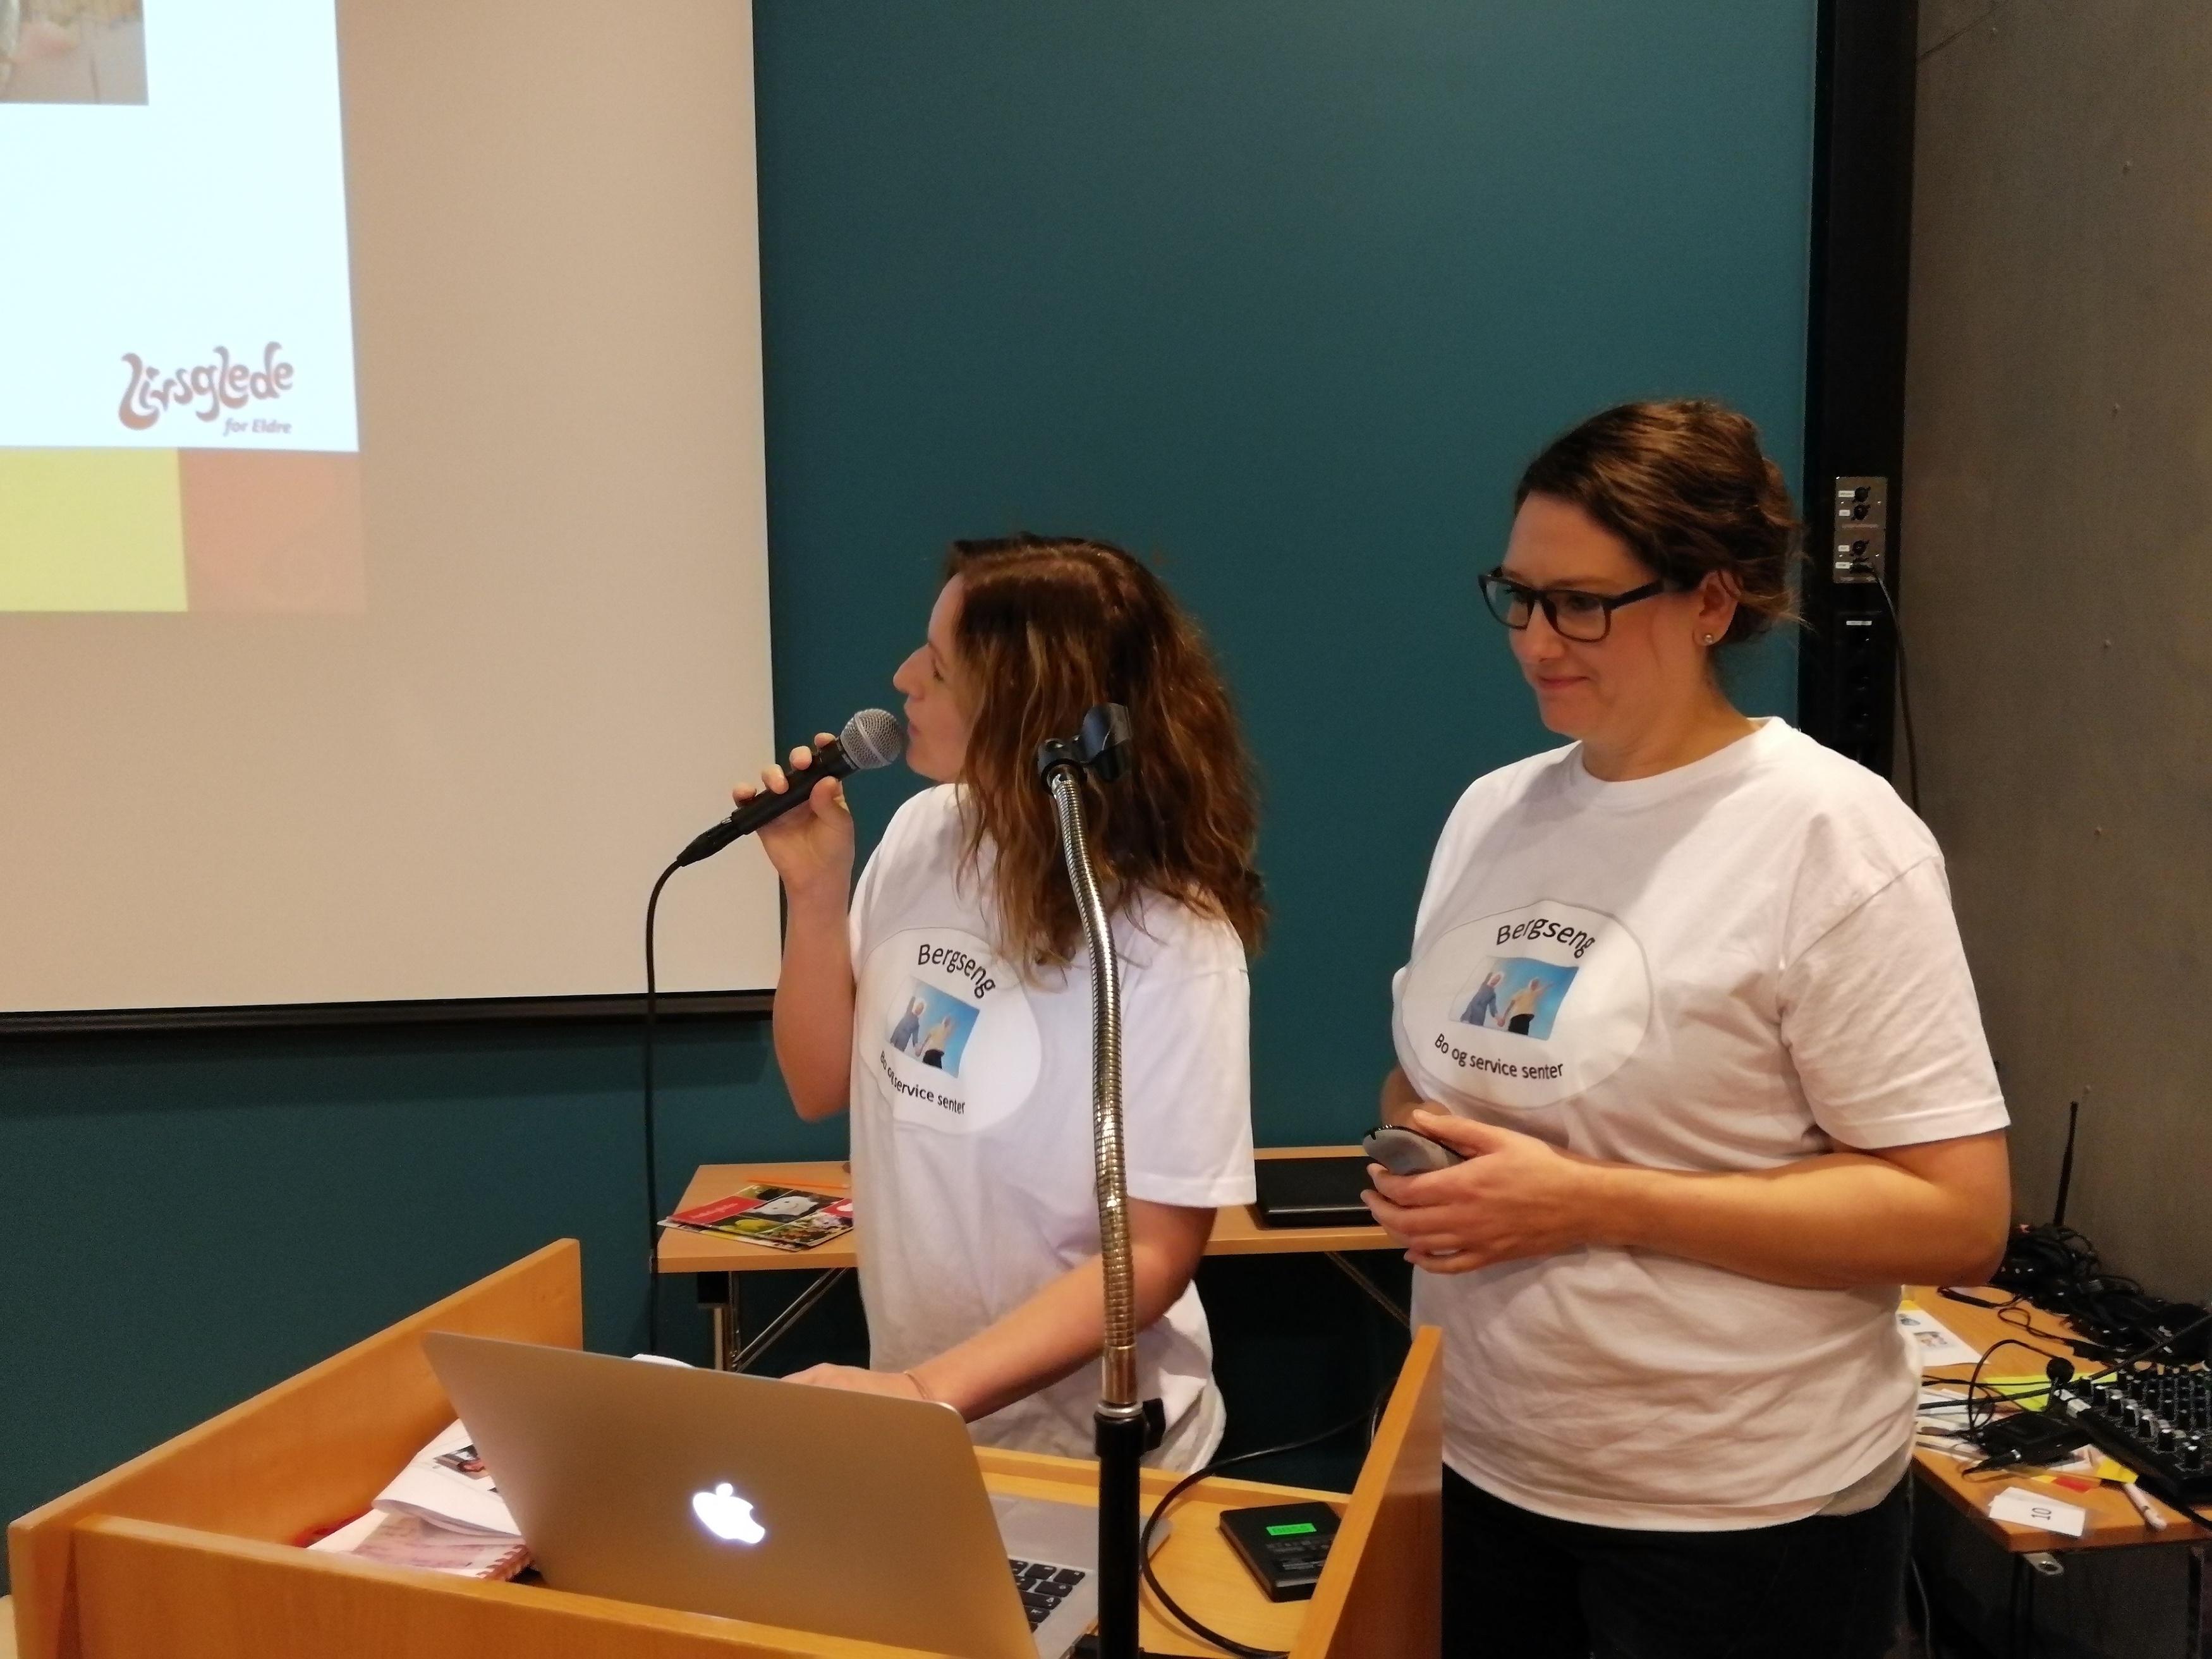 Tone Johansen (t.v.) og Erika Killengren, hhv hovedlivsgledeansvarlig og driftskoordinator på lvisgledehjemmet Bergseng bosenter i Harstad, fortalte om sine erfaringer i sertifiseringsarbeidet.